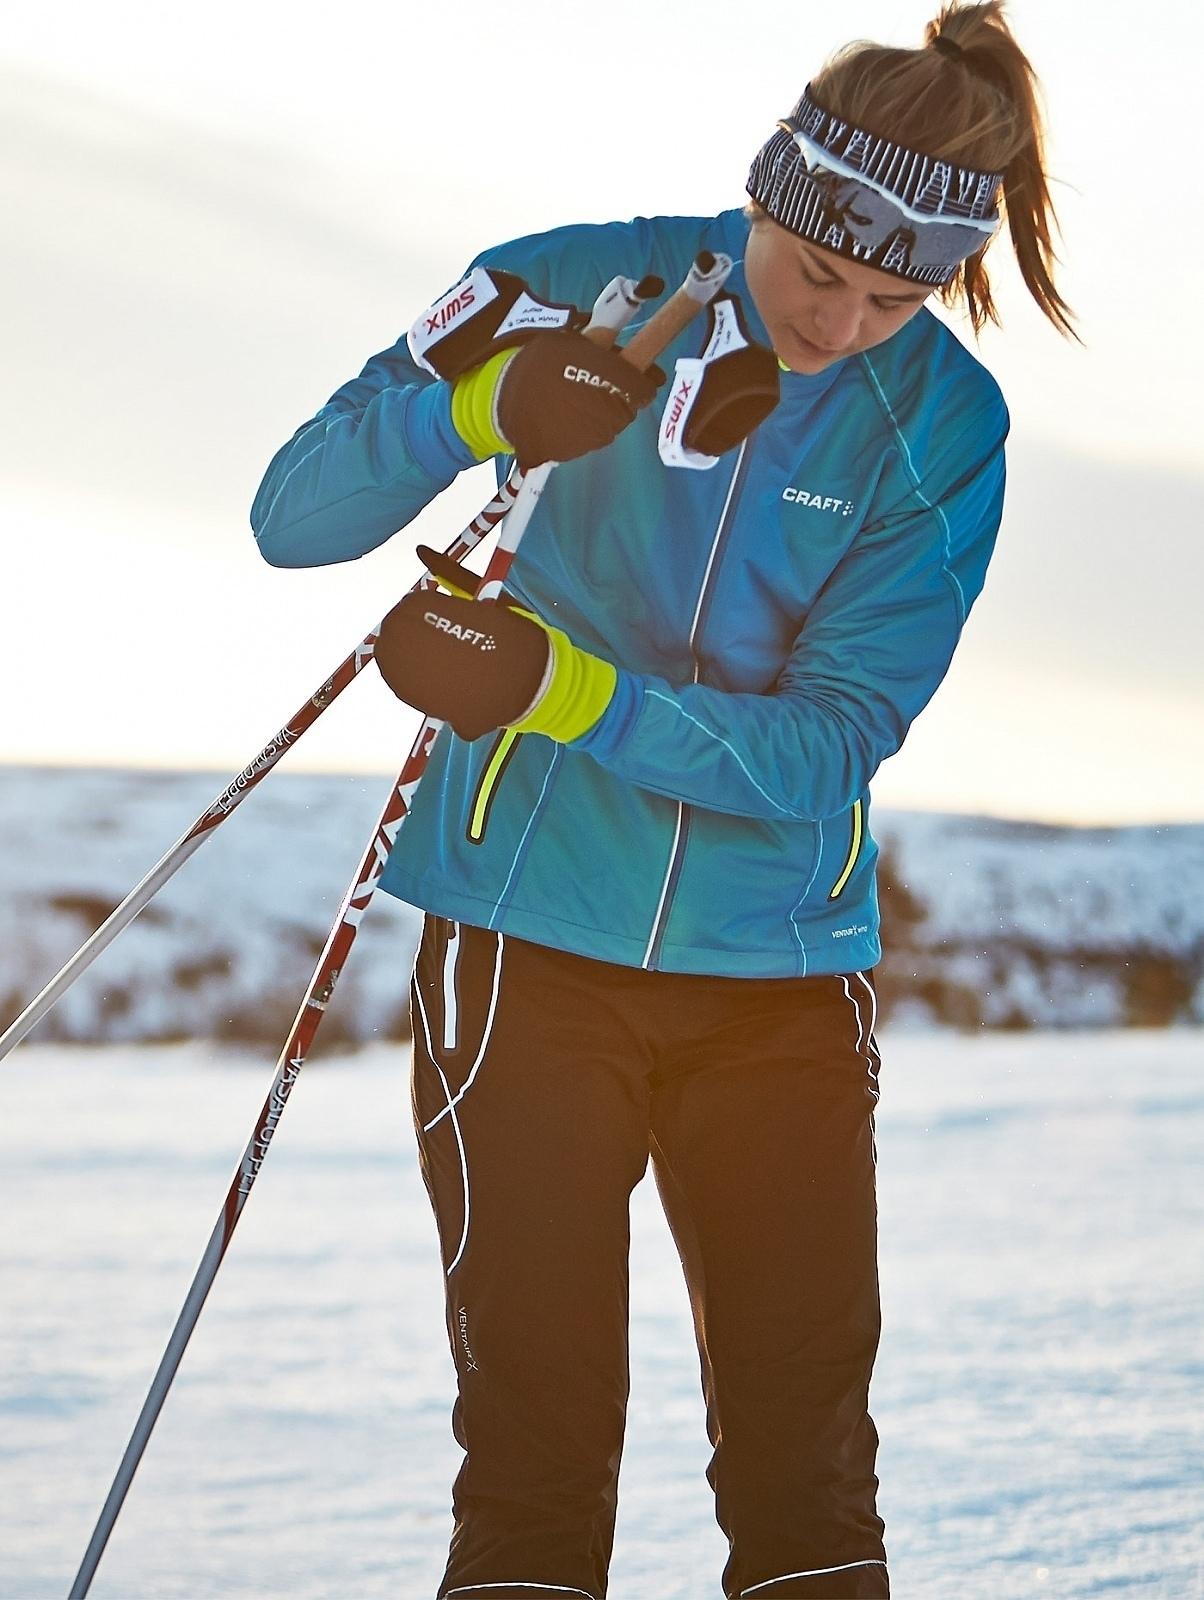 Женский профессиональный лыжный костюм крафт High Function (1903684-1902264) фото